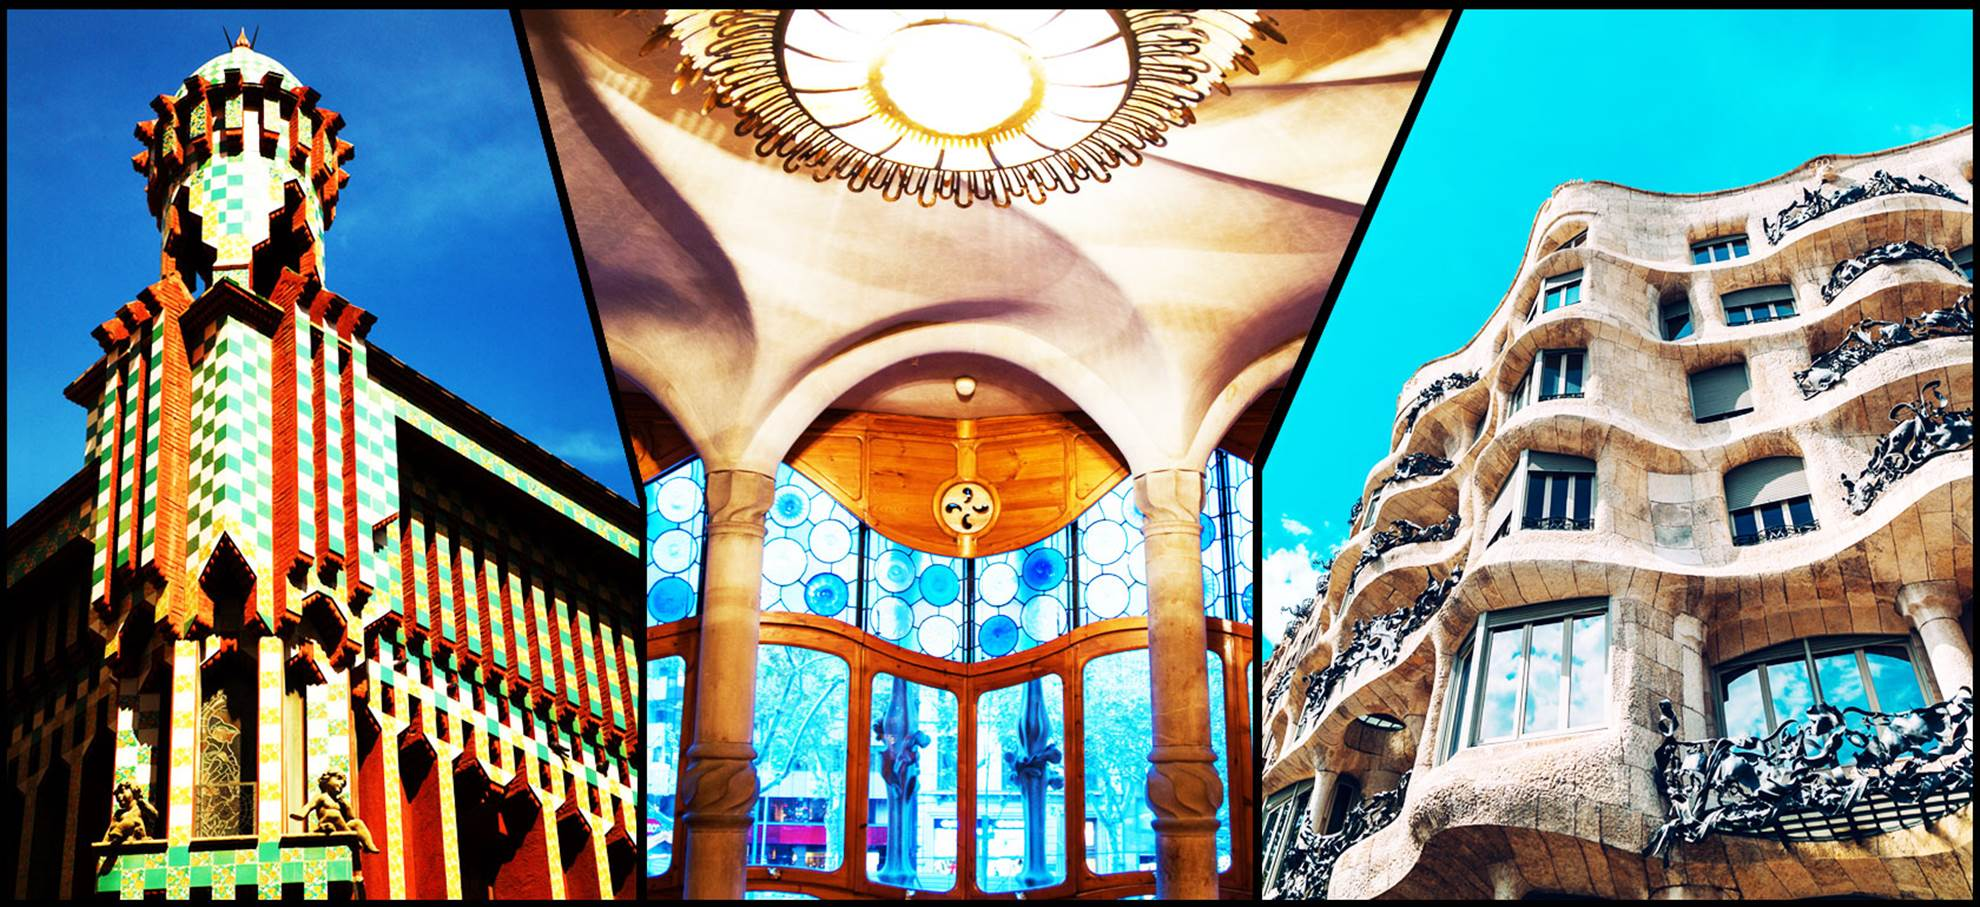 Les 3 Maisons de Gaudi: billets coupe-file pour la Casa Batlló, la Casa Mila et la Casa Vicens!